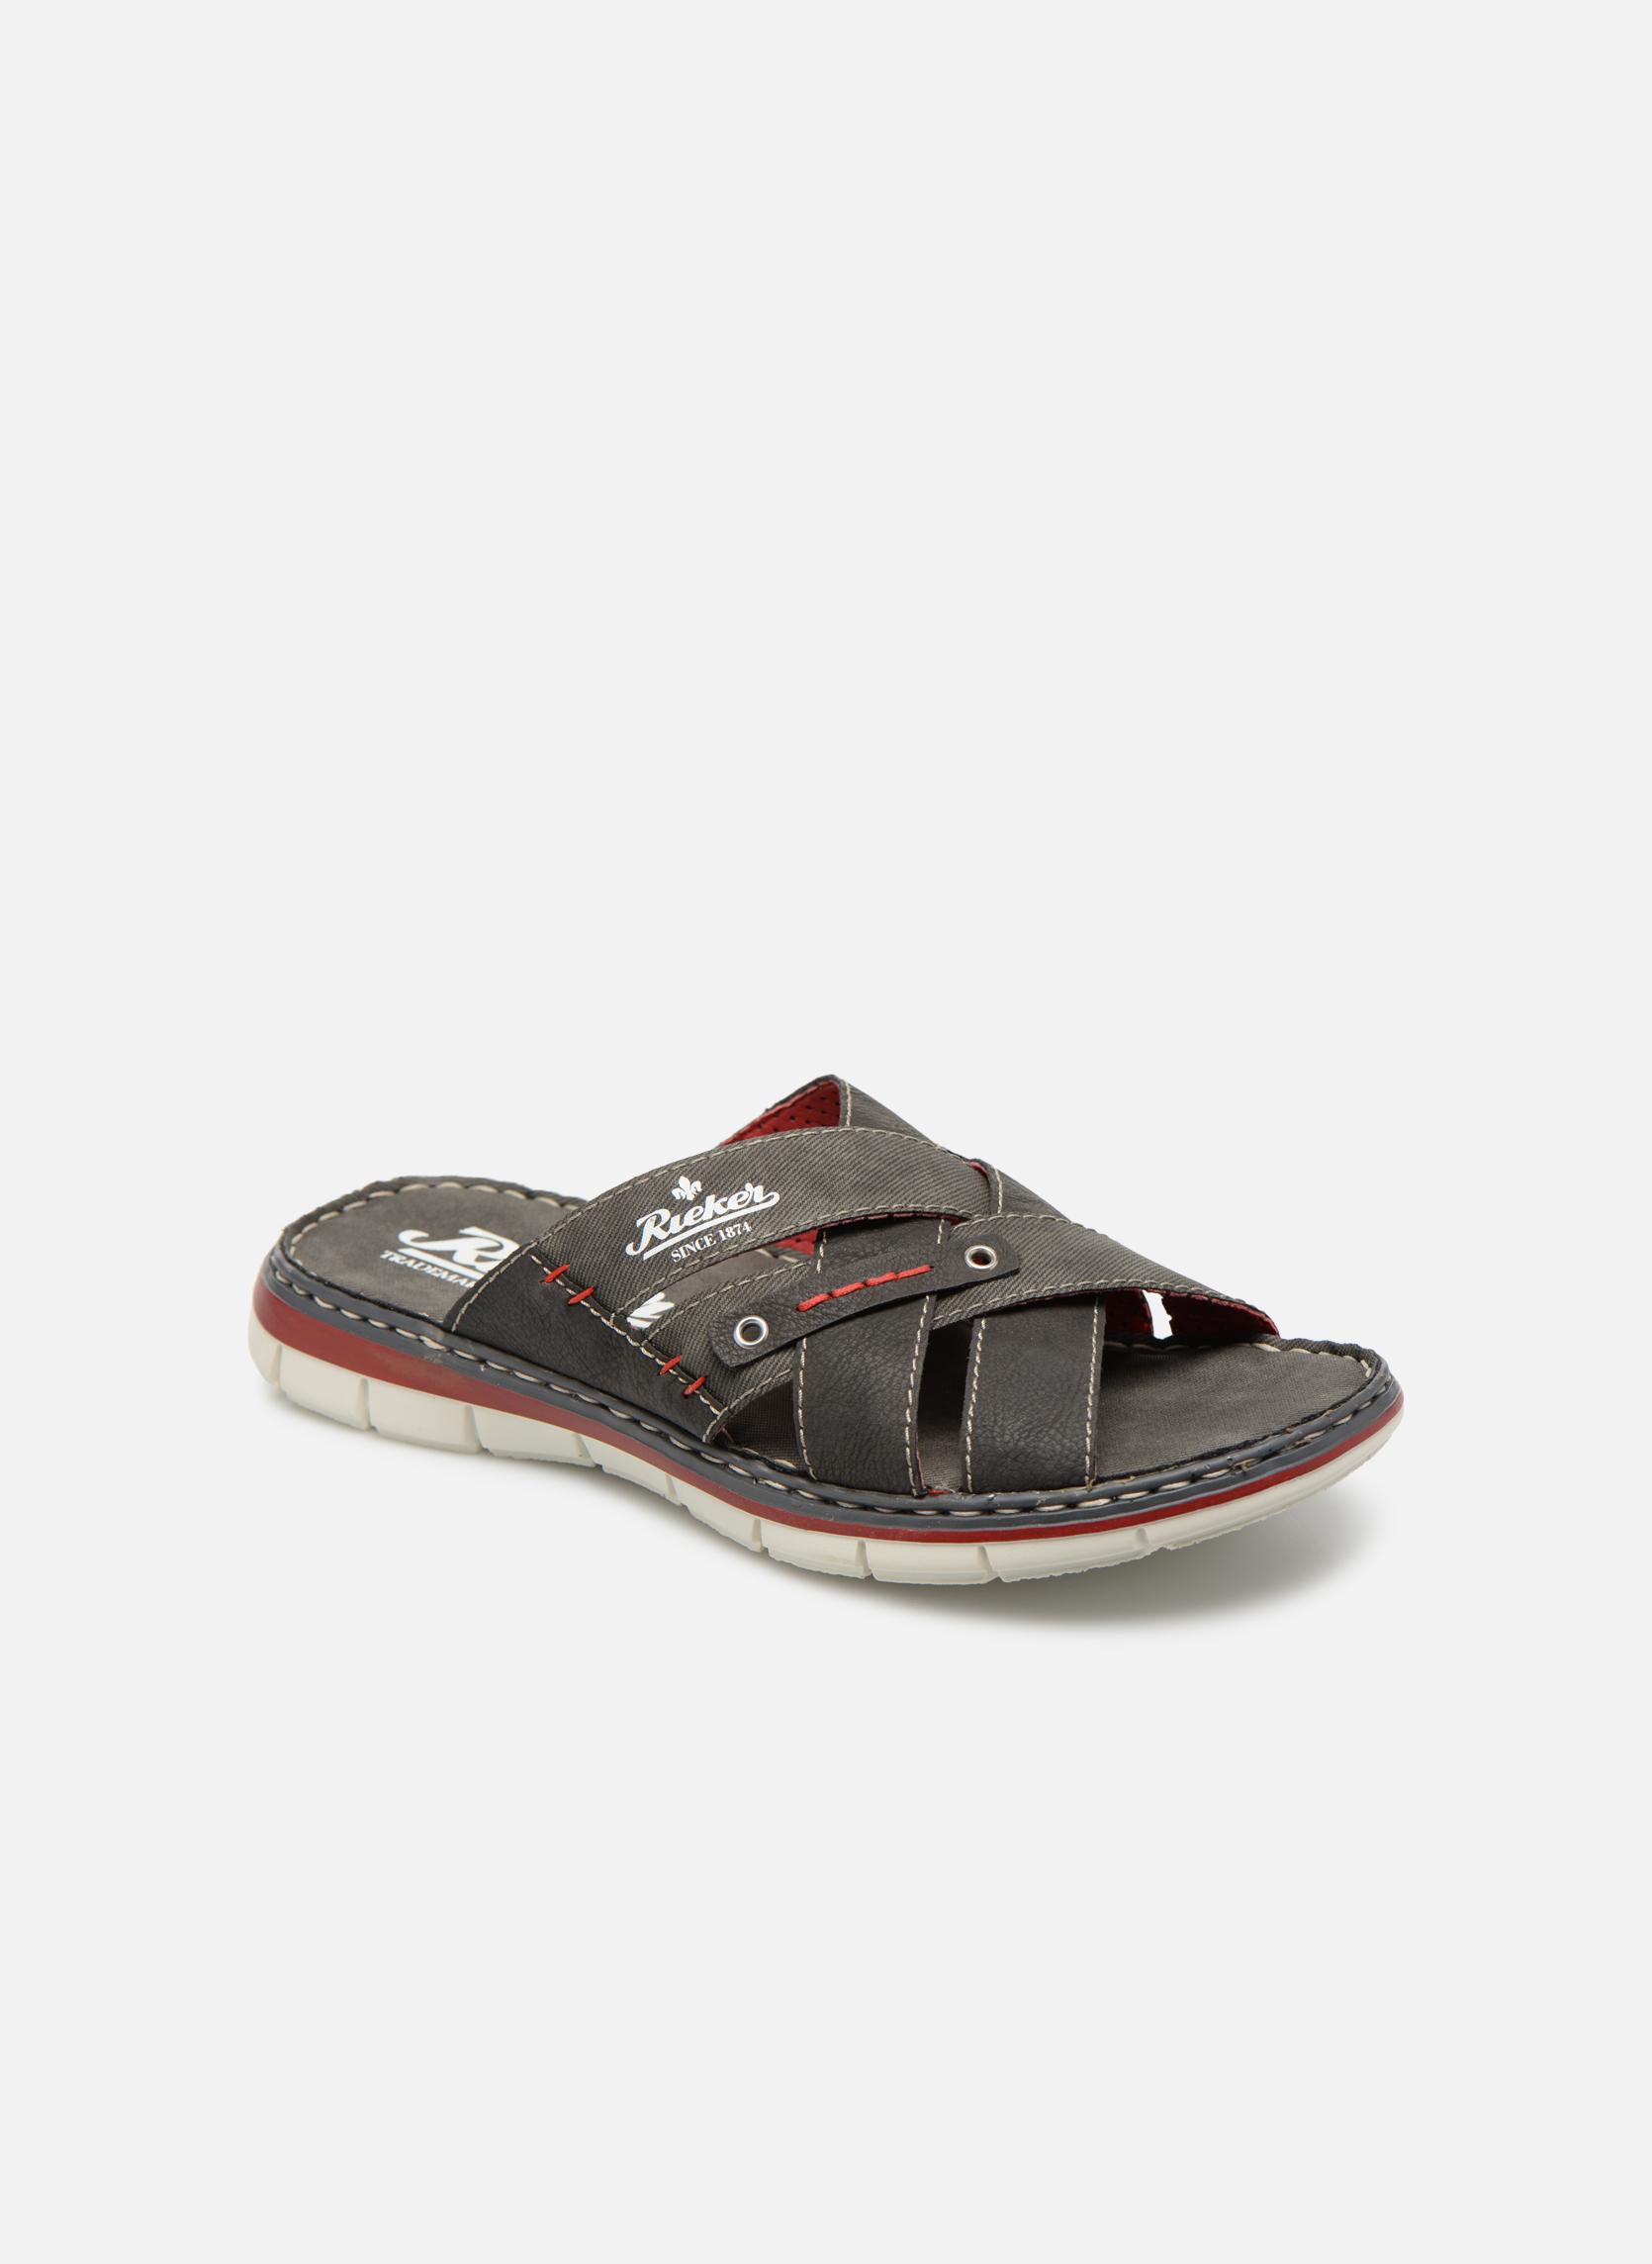 Sandaler Mænd Tyr 25199